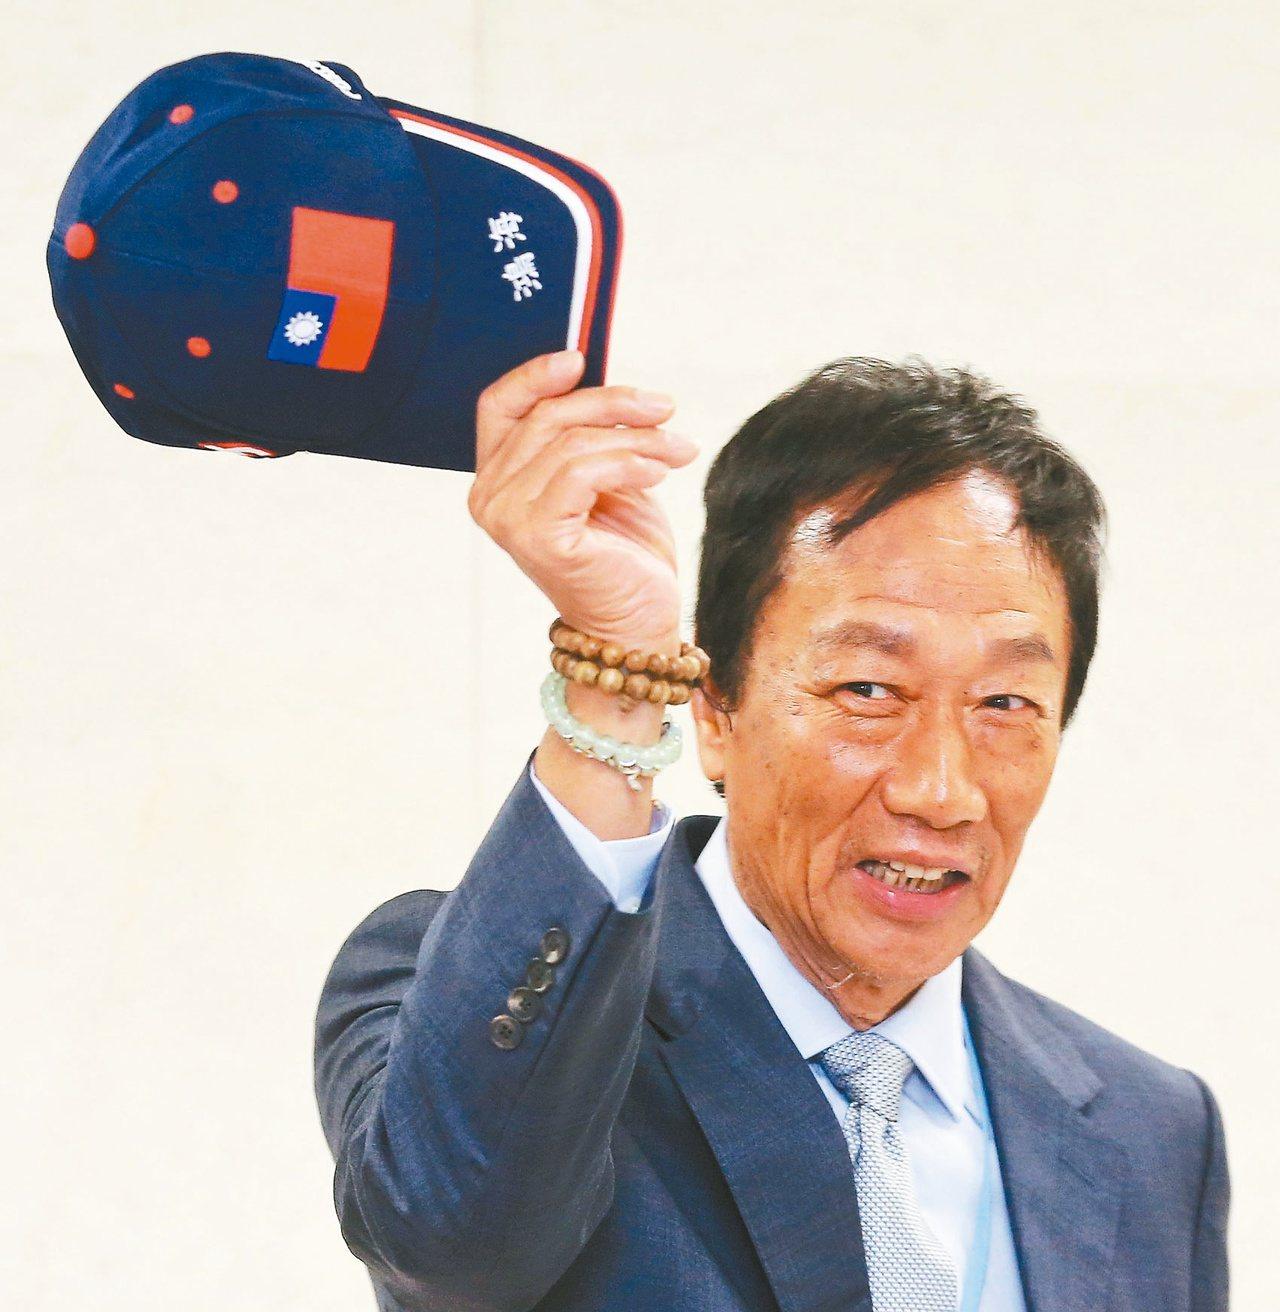 鴻海創辦人郭台銘宣布不參選2020總統,保留了他未來與聞國政及社會改造的寬廣空間...